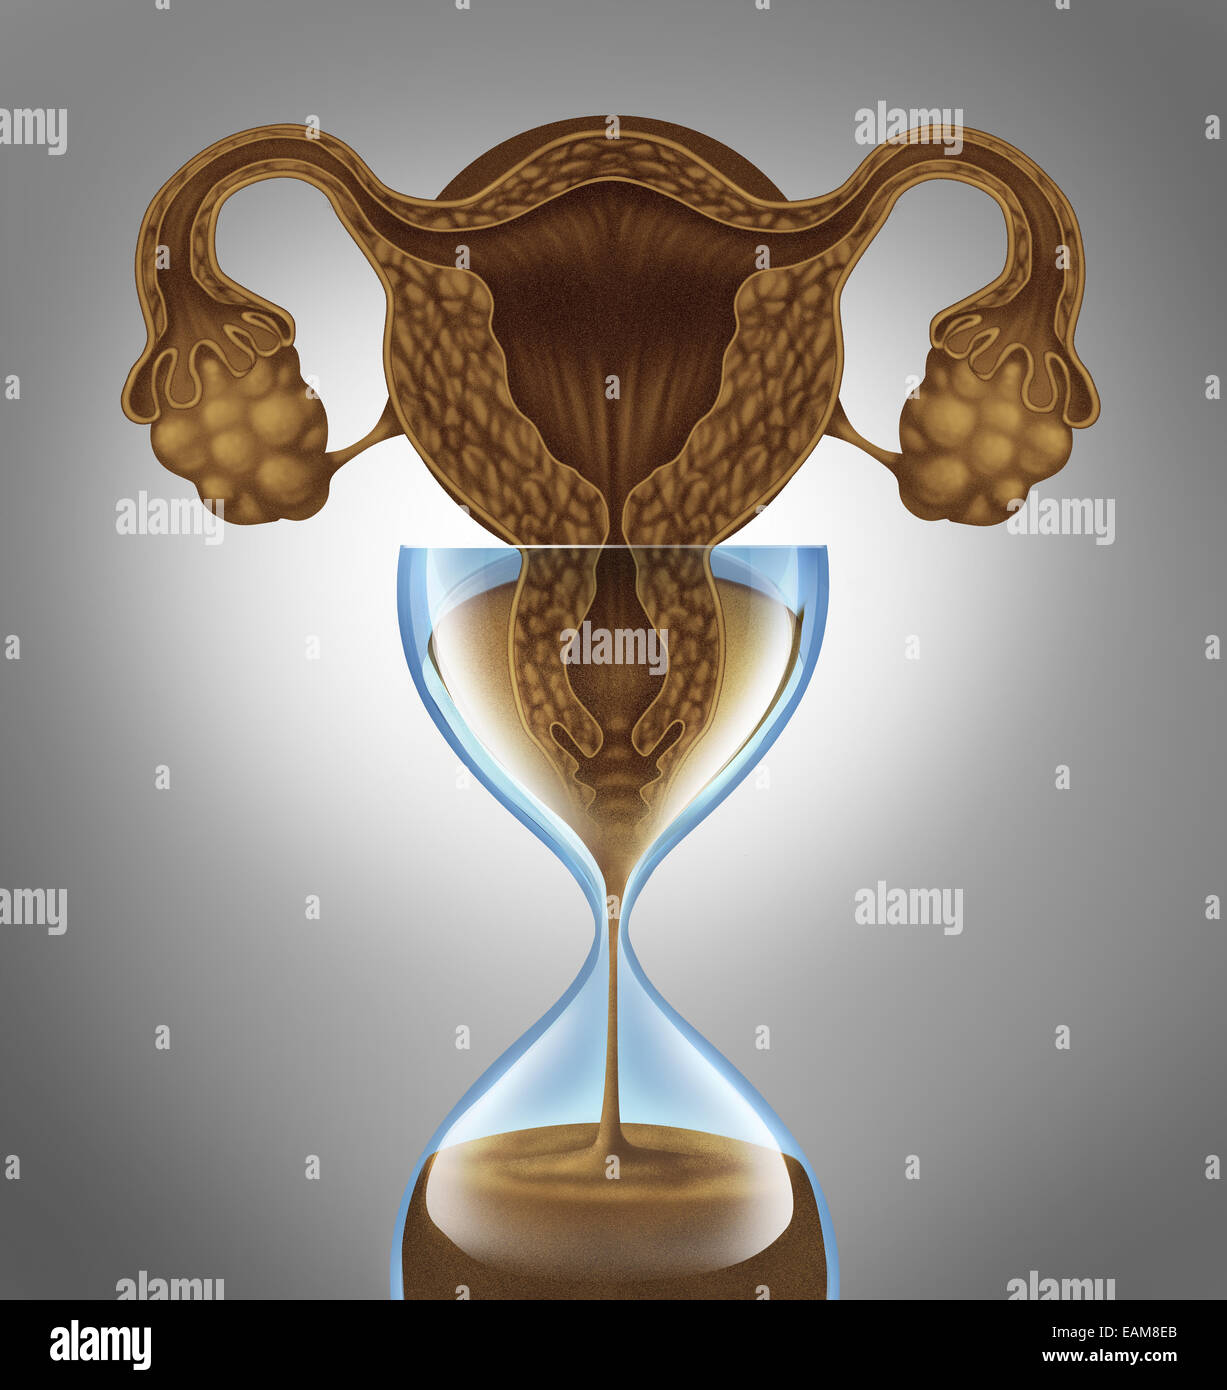 Weibliche biologische Uhr Konzept als eine Gebärmutter und ...